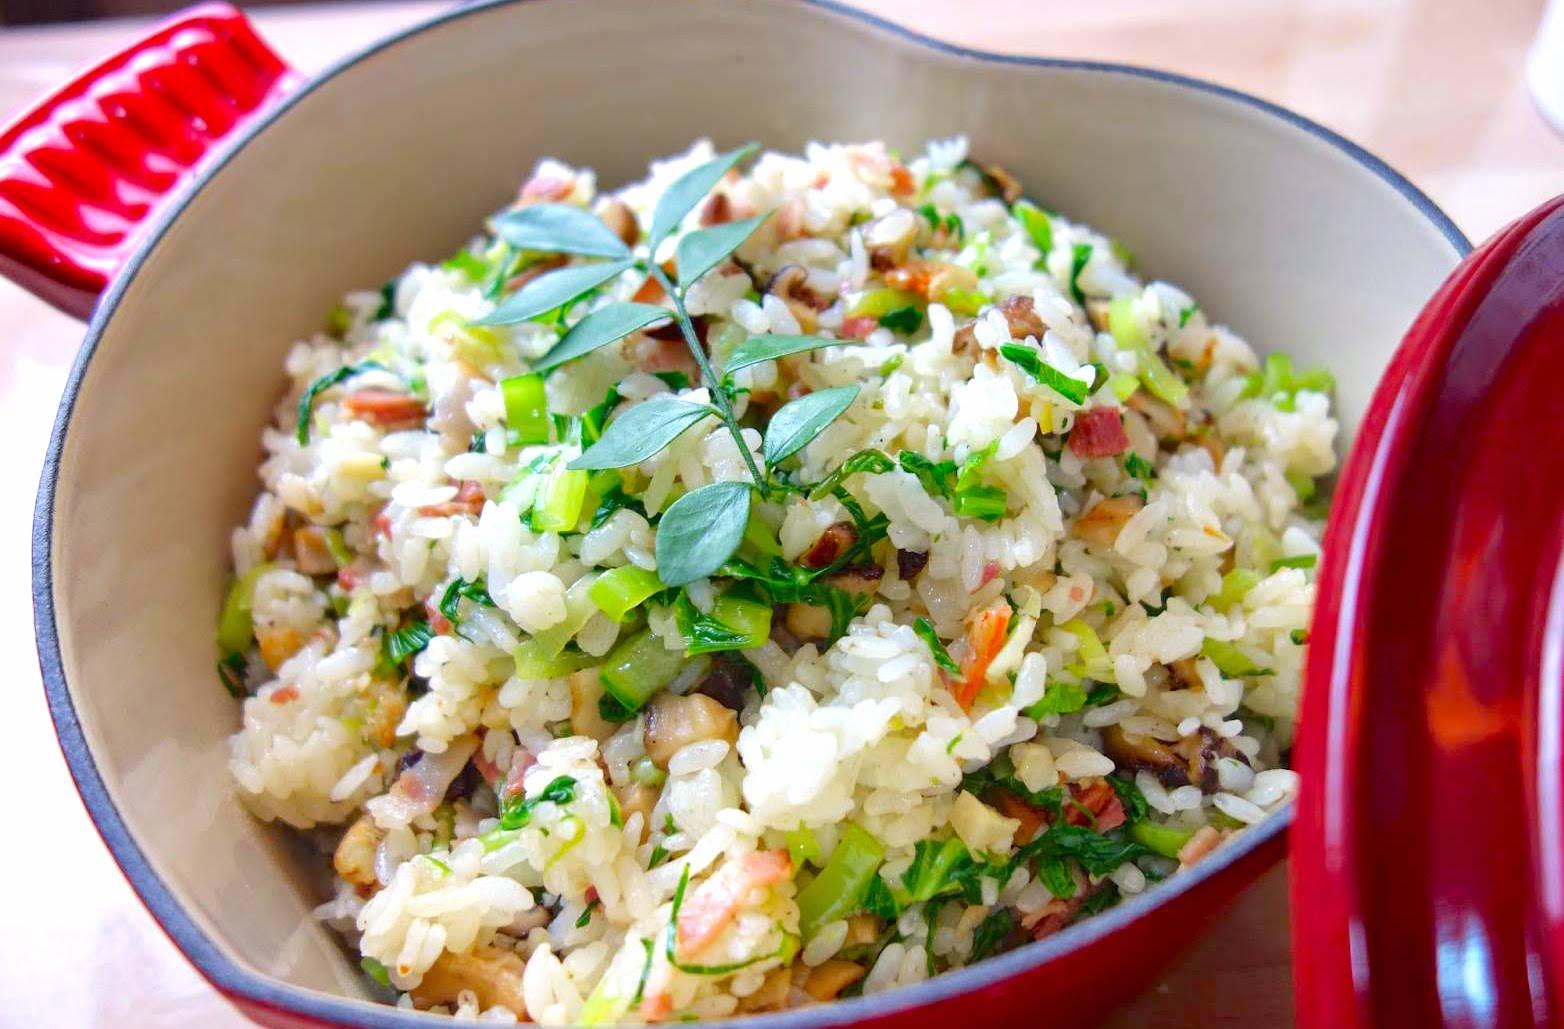 「上海菜飯怎麼做香氣最濃厚?」大人小孩都愛吃的料理,5分鐘輕鬆做!